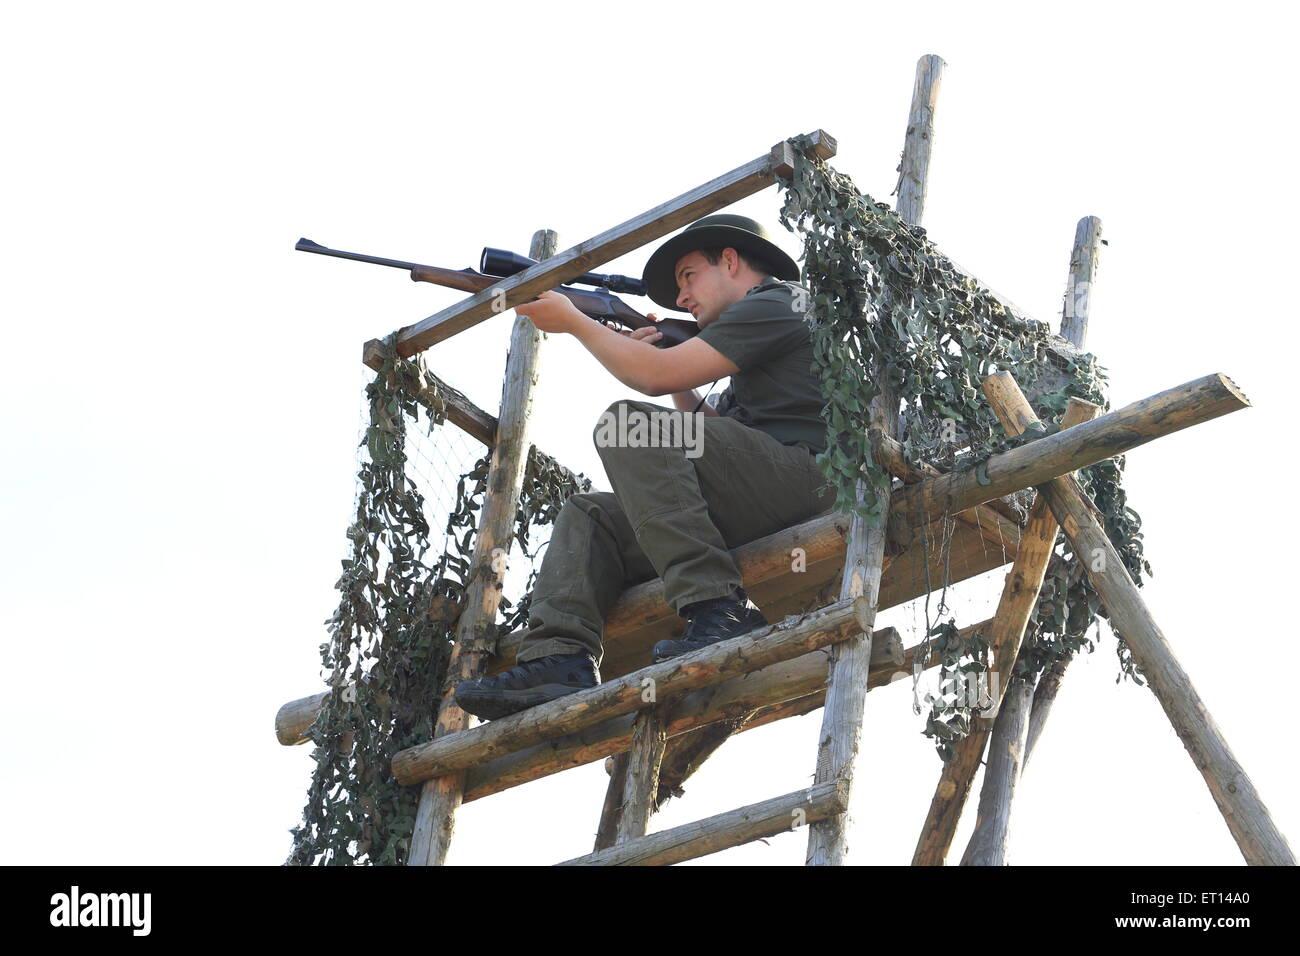 Ein Jäger mit Gewehr auf einem Hochsitz Stockbild